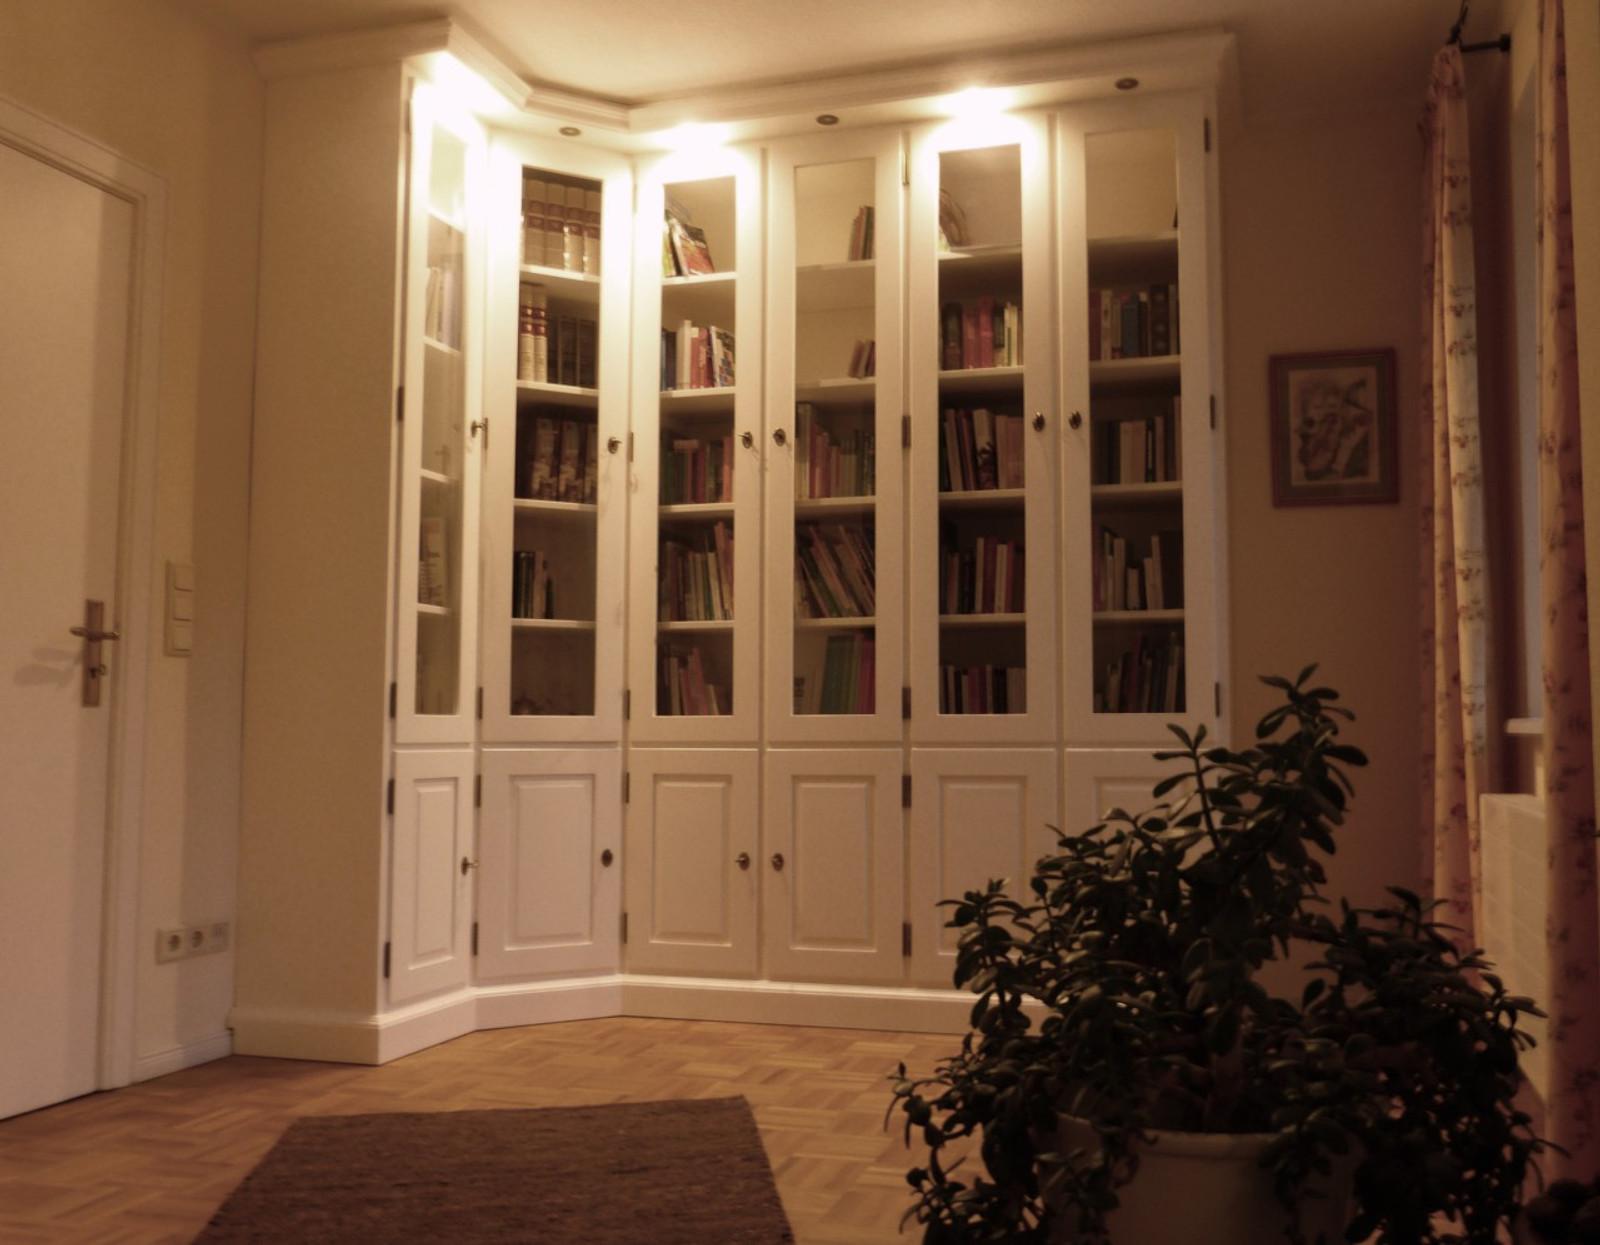 Bücherschrank / Bibliothek / Vitrine Maßanfertigung in Eiche vollmassiv deckenhoch, Farbe: Eiche weiß, Sonderanfertigung nach Kundenwünschen individuell hergestellt